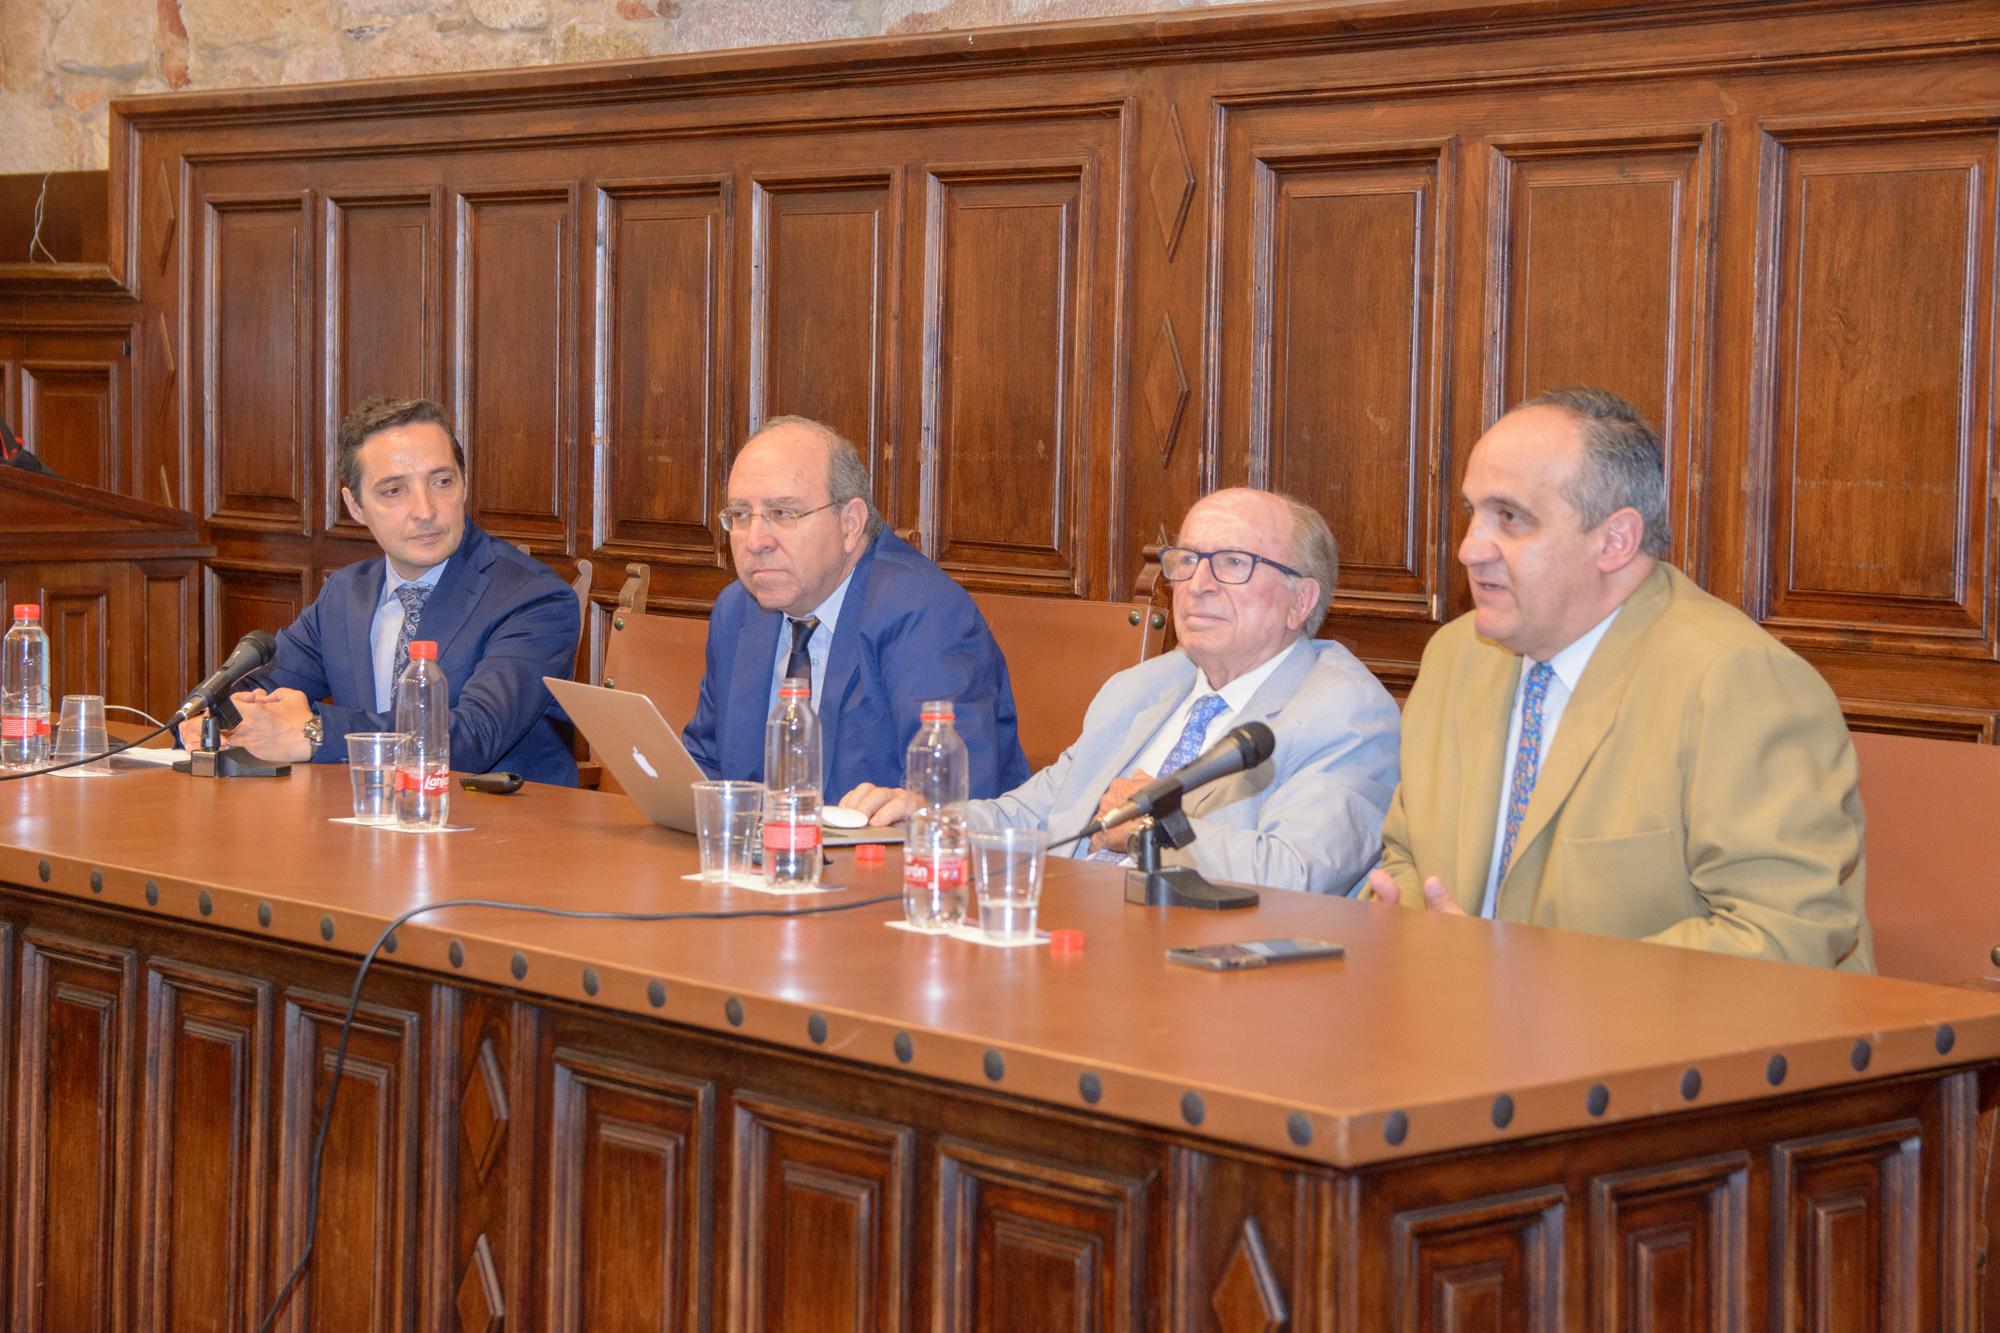 El director del Centro Nacional de Altas Tecnologías expone en la Universidad de Salamanca el estado de la investigación en el país centroamericano